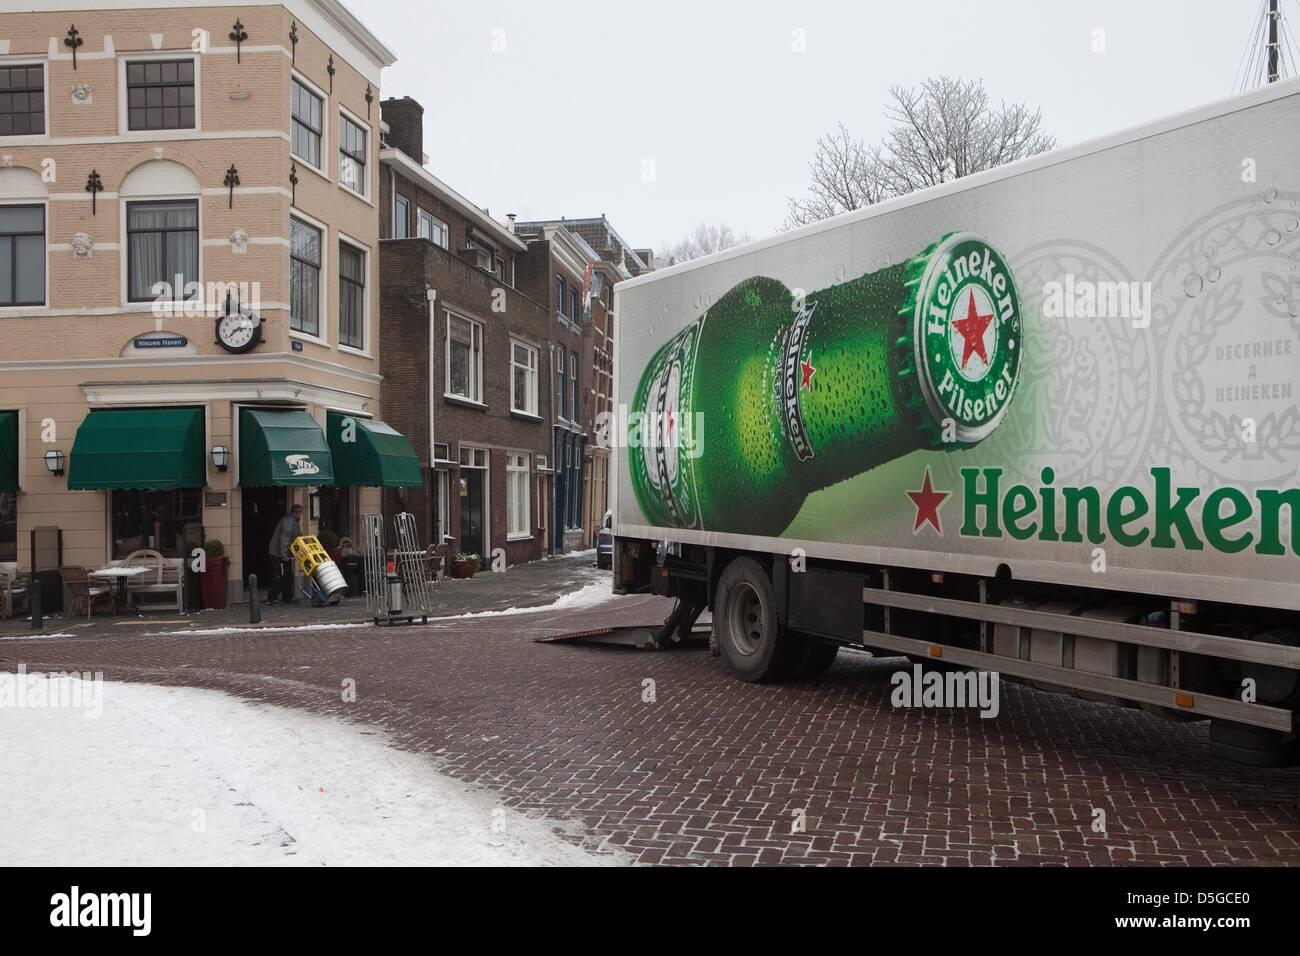 heineken truck in the netherlands Stock Photo